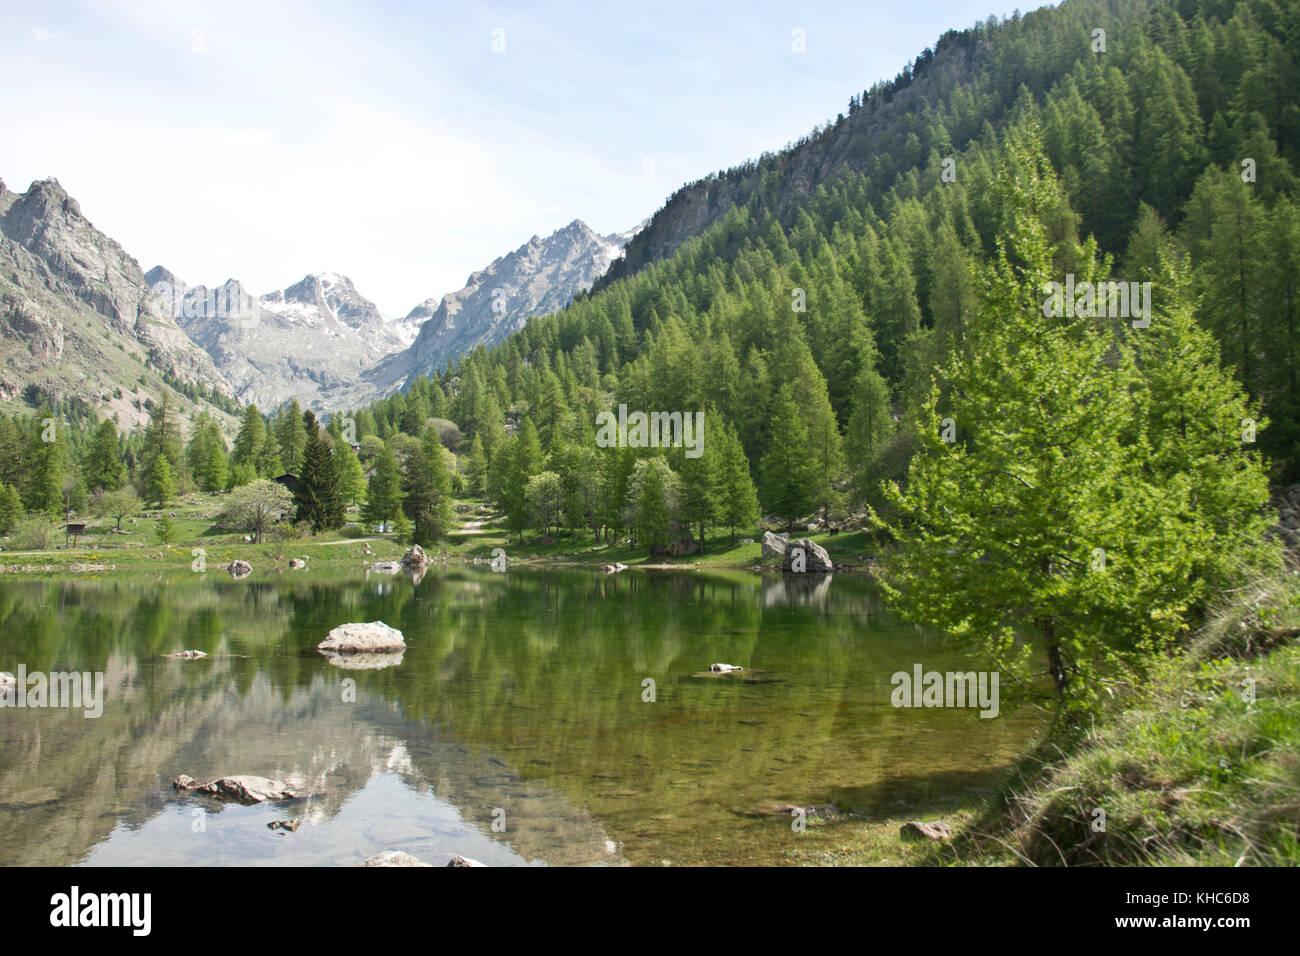 Vallée de la Gordolasque in Mercantour *** Local Caption *** France, Alpes du Sud, Mercantour, alps, mountains, Stock Photo